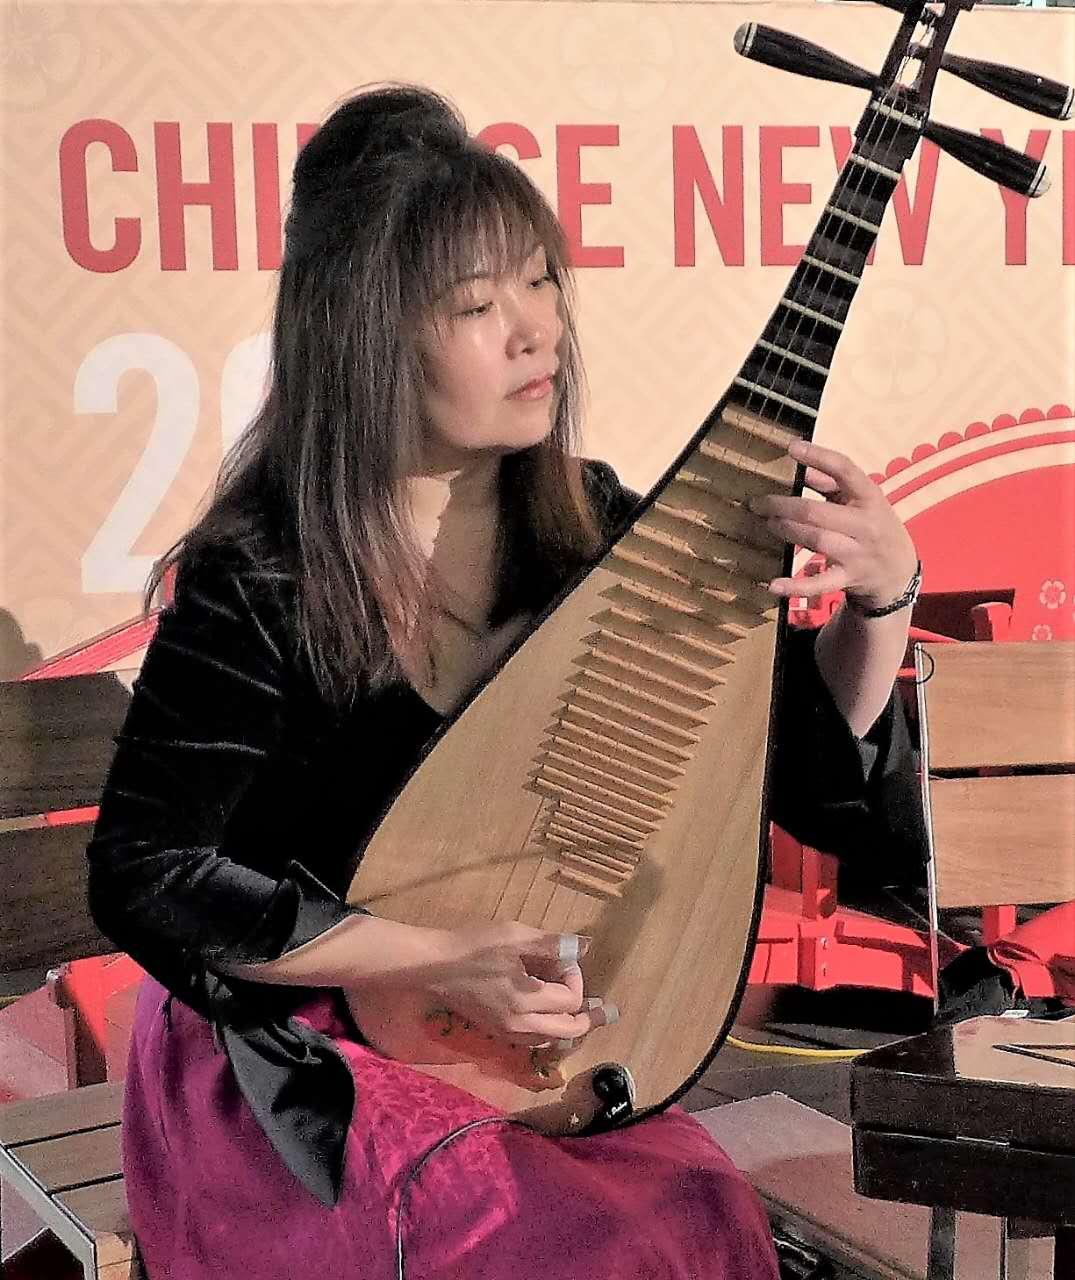 王丽韫( Remove )  琵琶演奏家。曾任中国中央广播民族乐团琵琶演奏员。毕业于天津音乐学院。多次在国内大赛中获奖,并成功地举办了个人独奏音乐会。录制了个人独奏专集。曾出访过许多国家和地区。为中国民族音乐的传播和发展做出了努力。现移居美国,仍然活跃在音乐文化的舞台上。  曾参加梅拉诺文化演艺公司举办的 【花好月圆 ii 】【国乐盛典春雷动地】、【春之声】、【鹰飞龙腾新年新春】的大型演出活动。